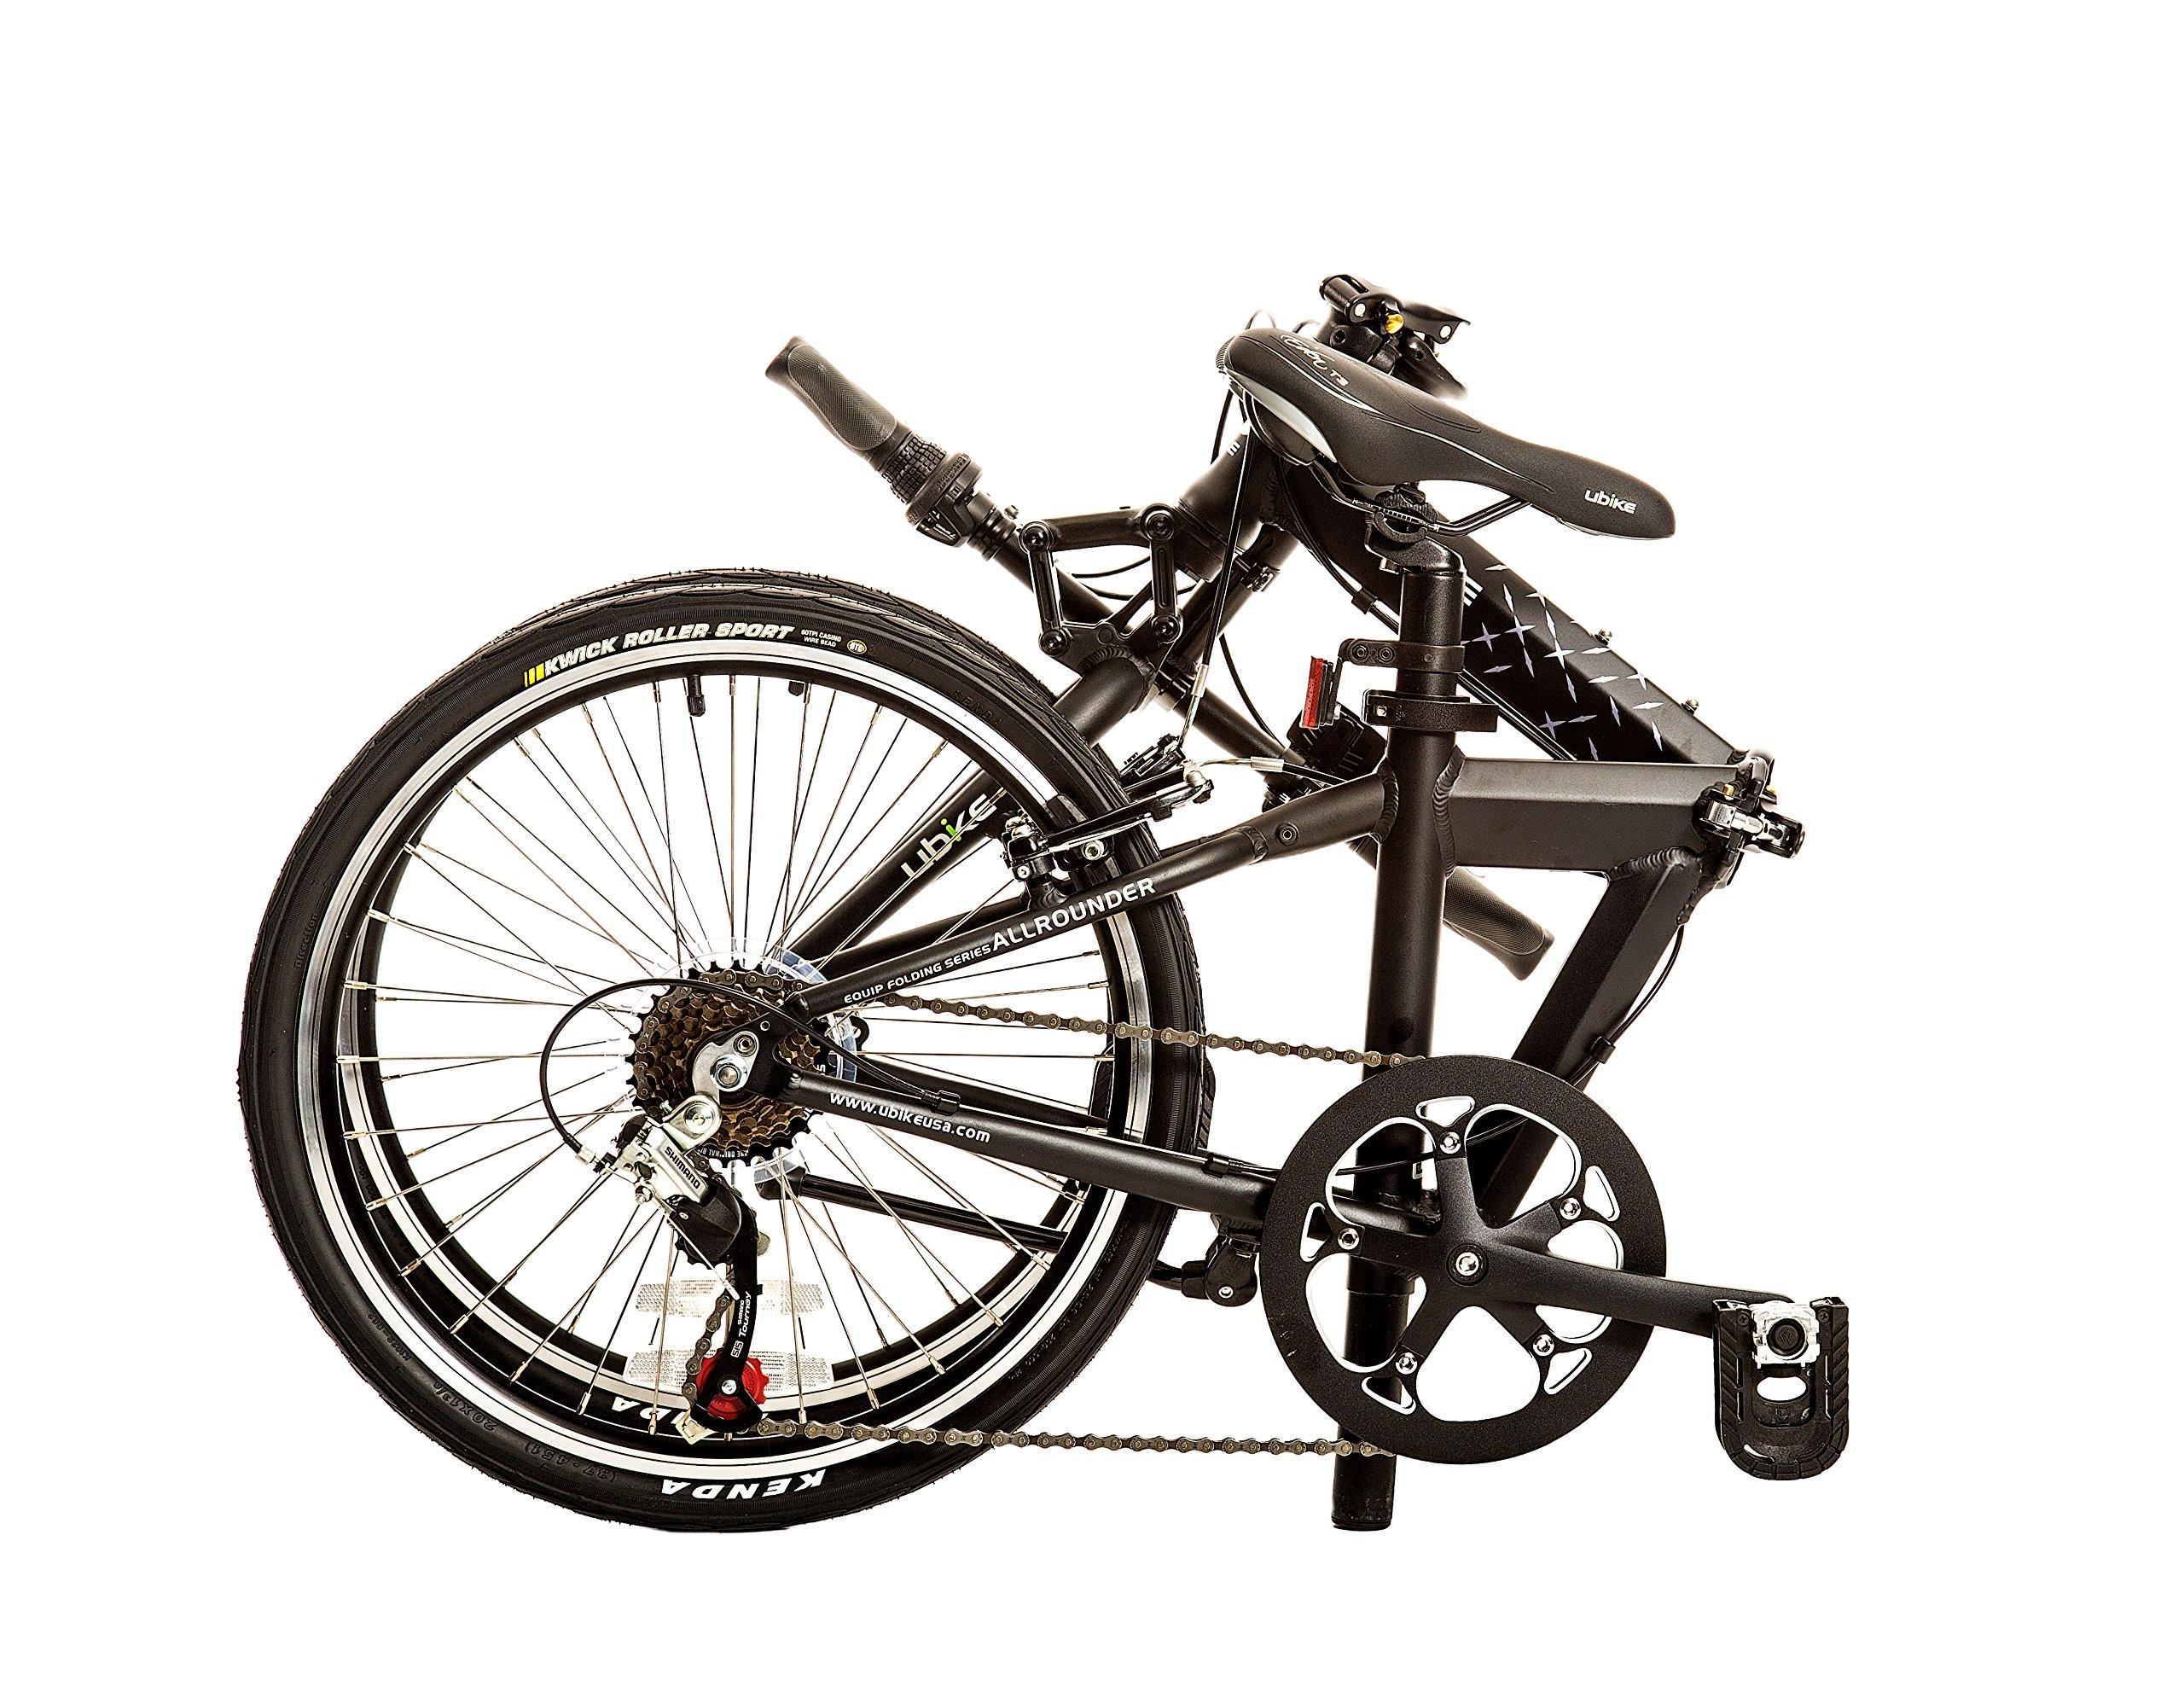 BIKE USA Bicicleta Plegable de 7 velocidades Ubike Allrounder con Rueda de 20 Pulgadas, tamaño único de 10 Pulgadas: Amazon.es: Deportes y aire libre